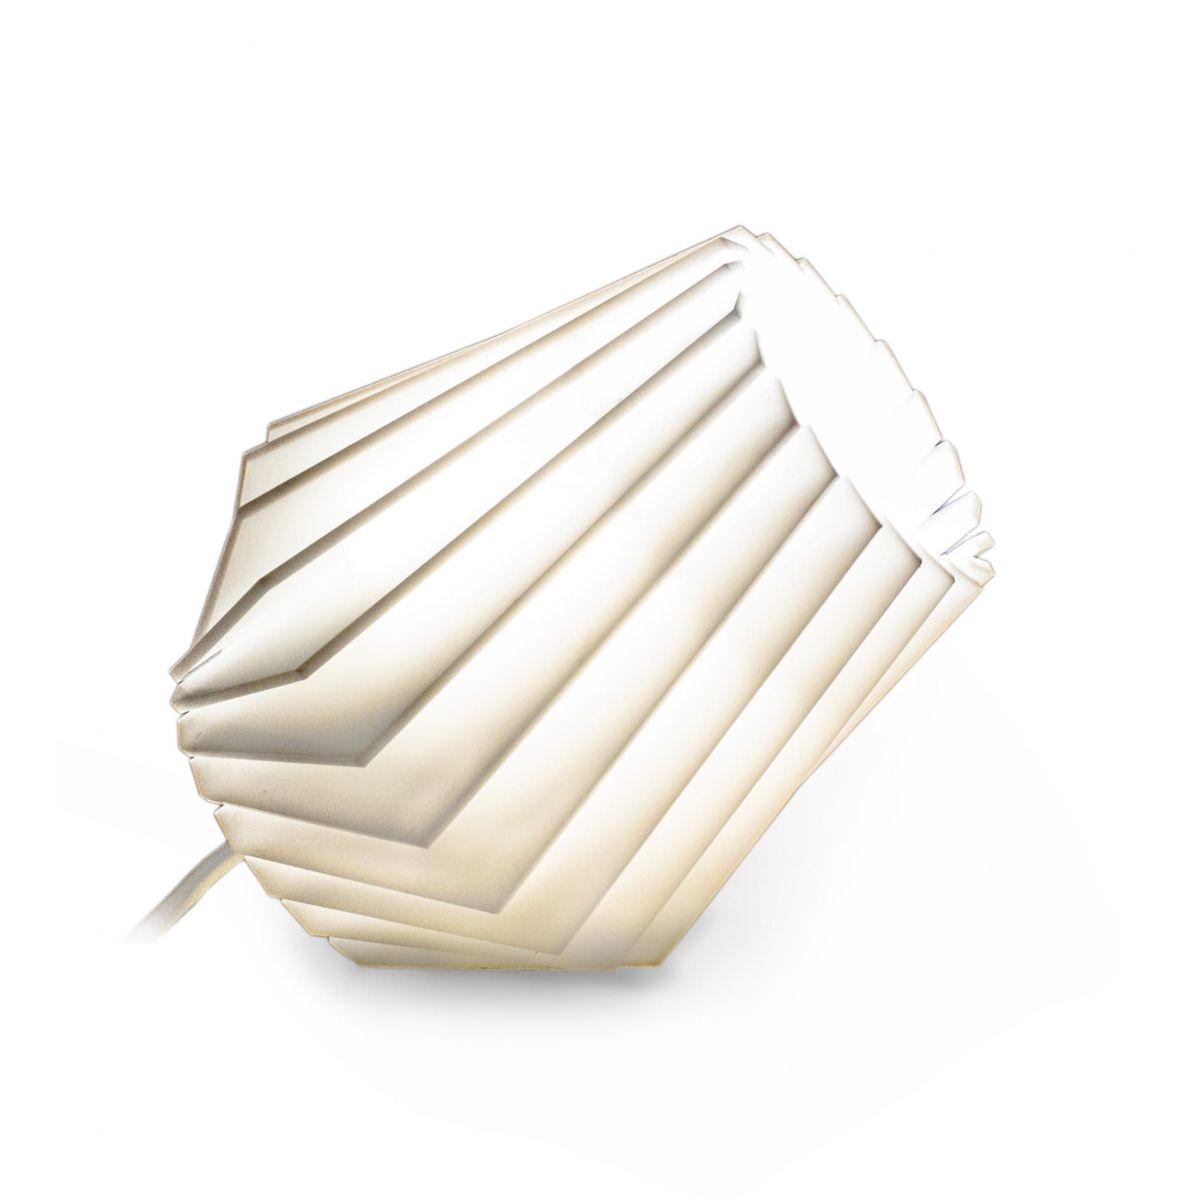 Турболампа из белого акрилового стекла, маленькая (подвесной/настольный светильник)